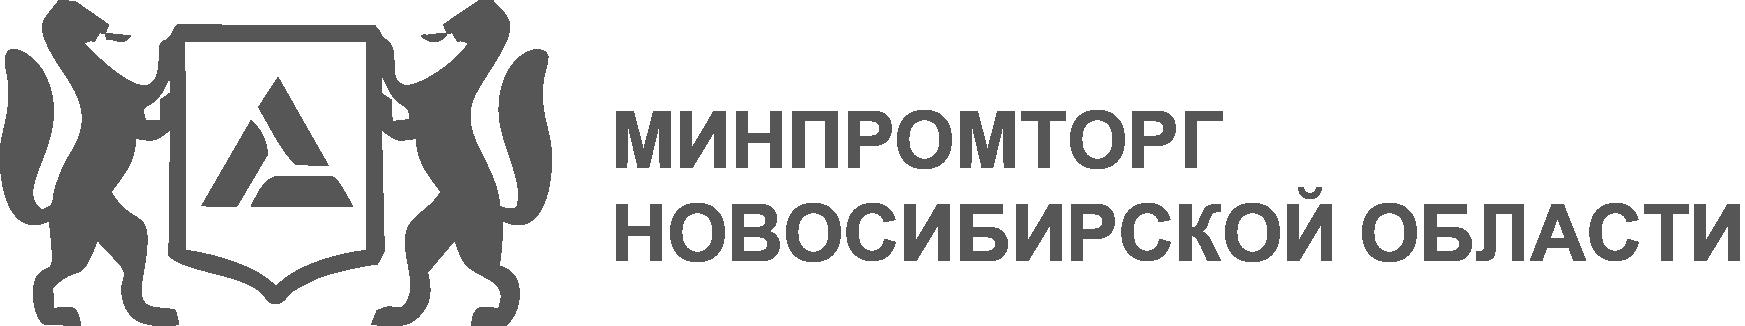 Минпромторг Новосибирской области